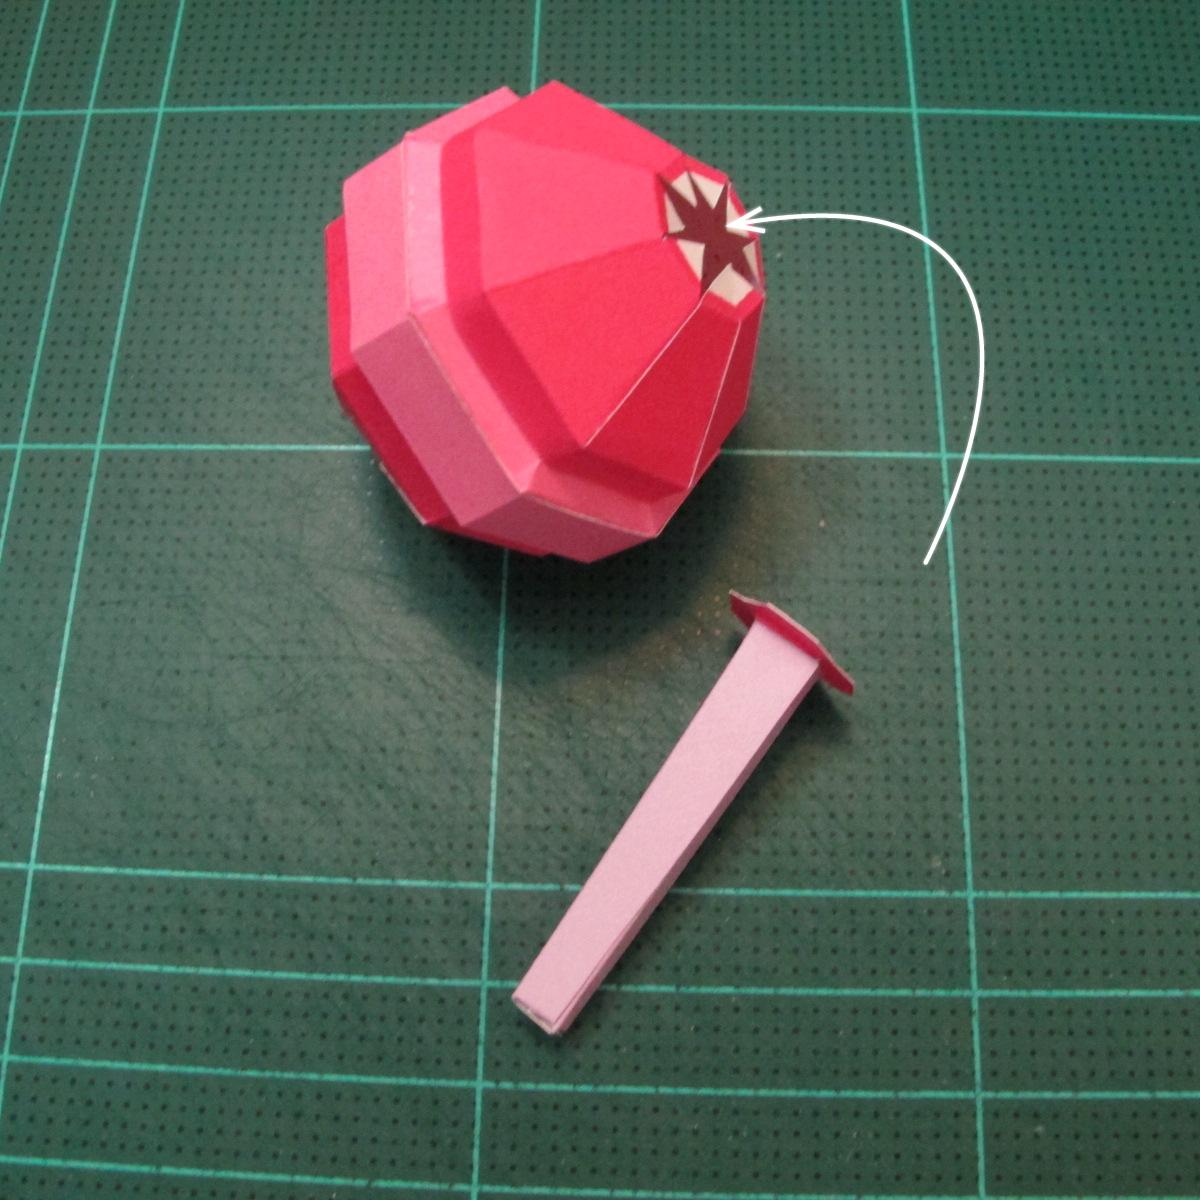 วิธีทำโมเดลกระดาษตุ้กตาคุกกี้รัน คุกกี้รสสตอเบอรี่ (LINE Cookie Run Strawberry Cookie Papercraft Model) 039